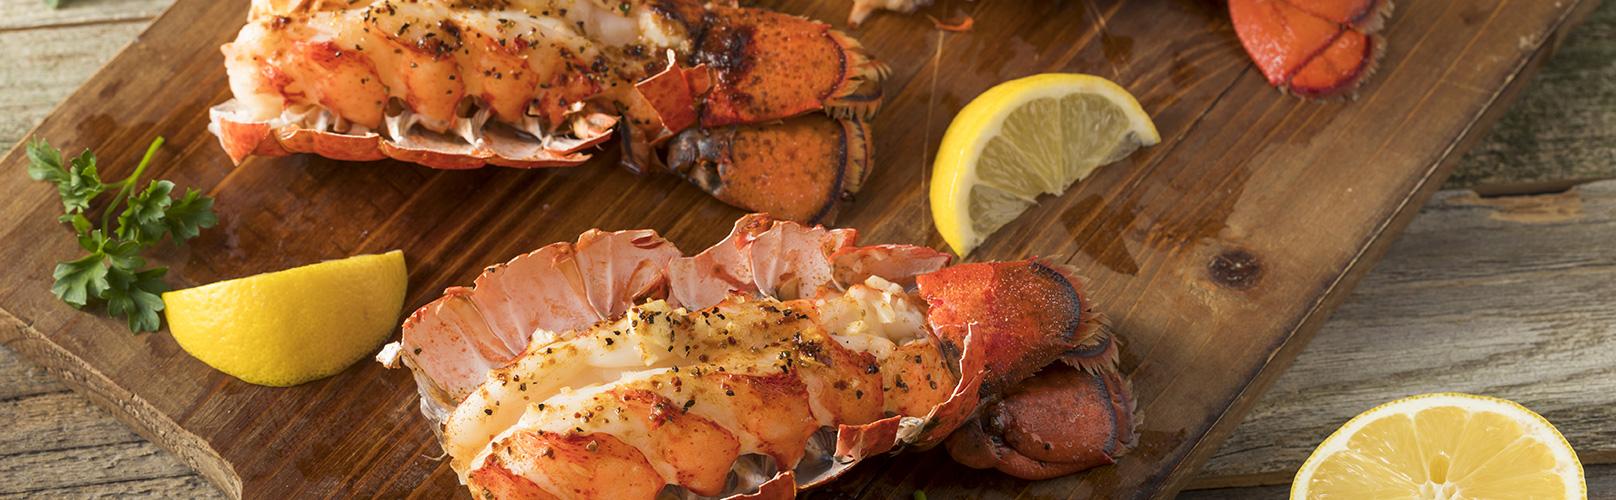 seatrek lobster cooked